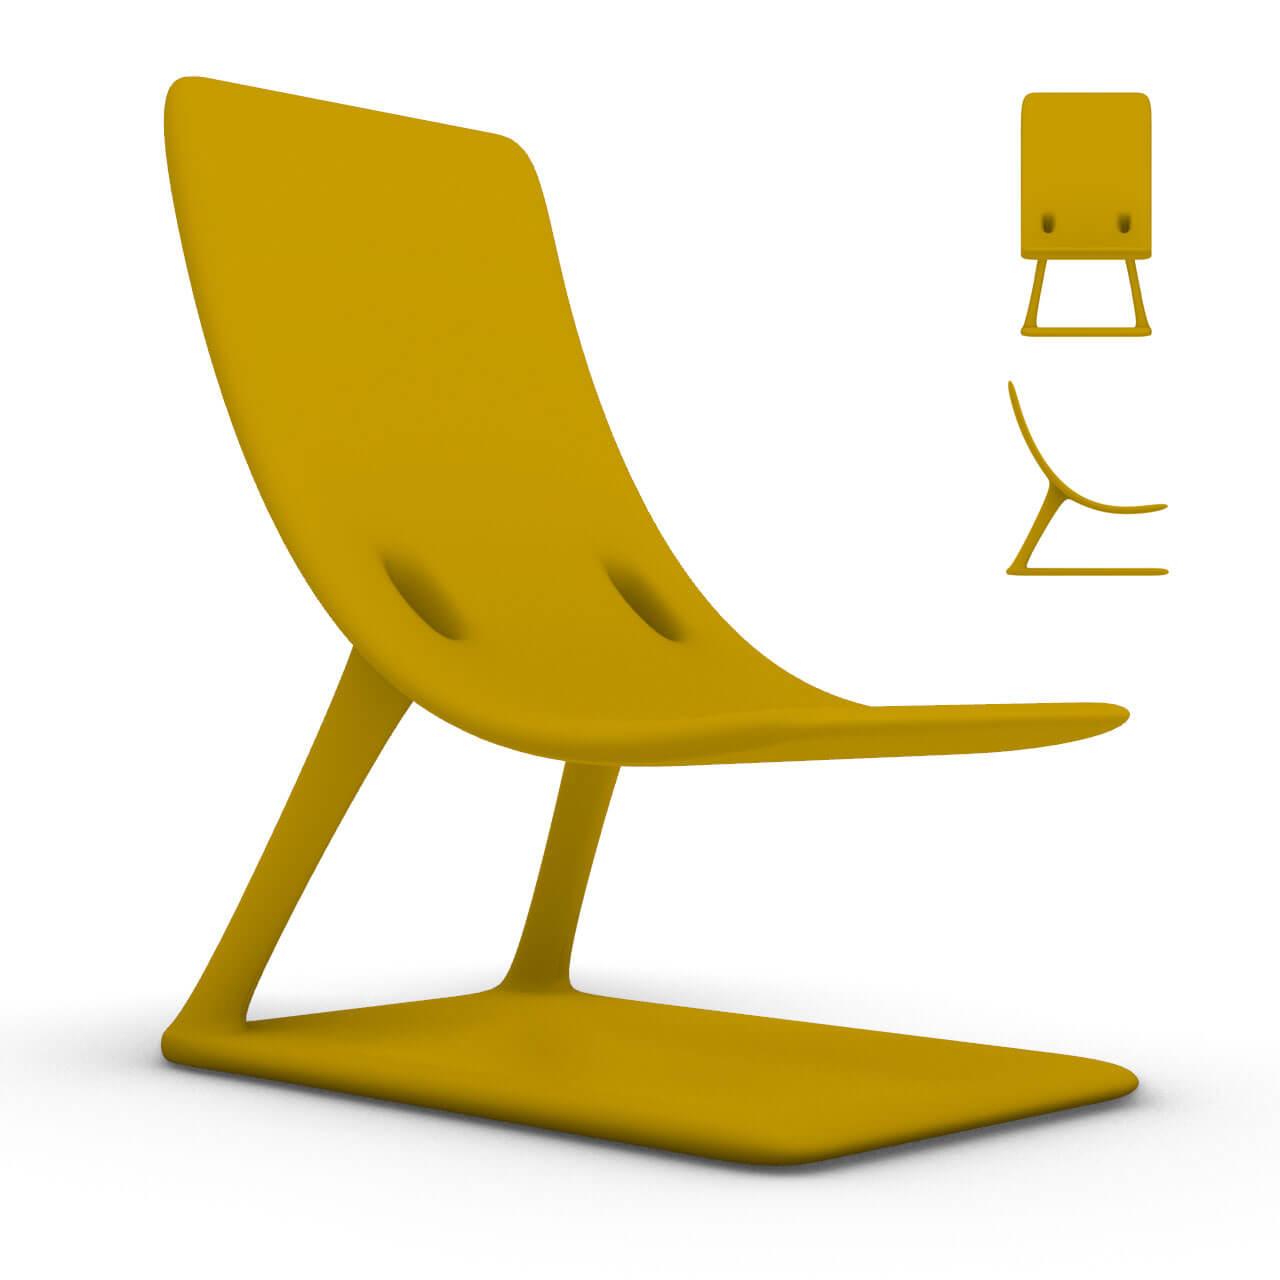 Parametric Chair Weaverbird